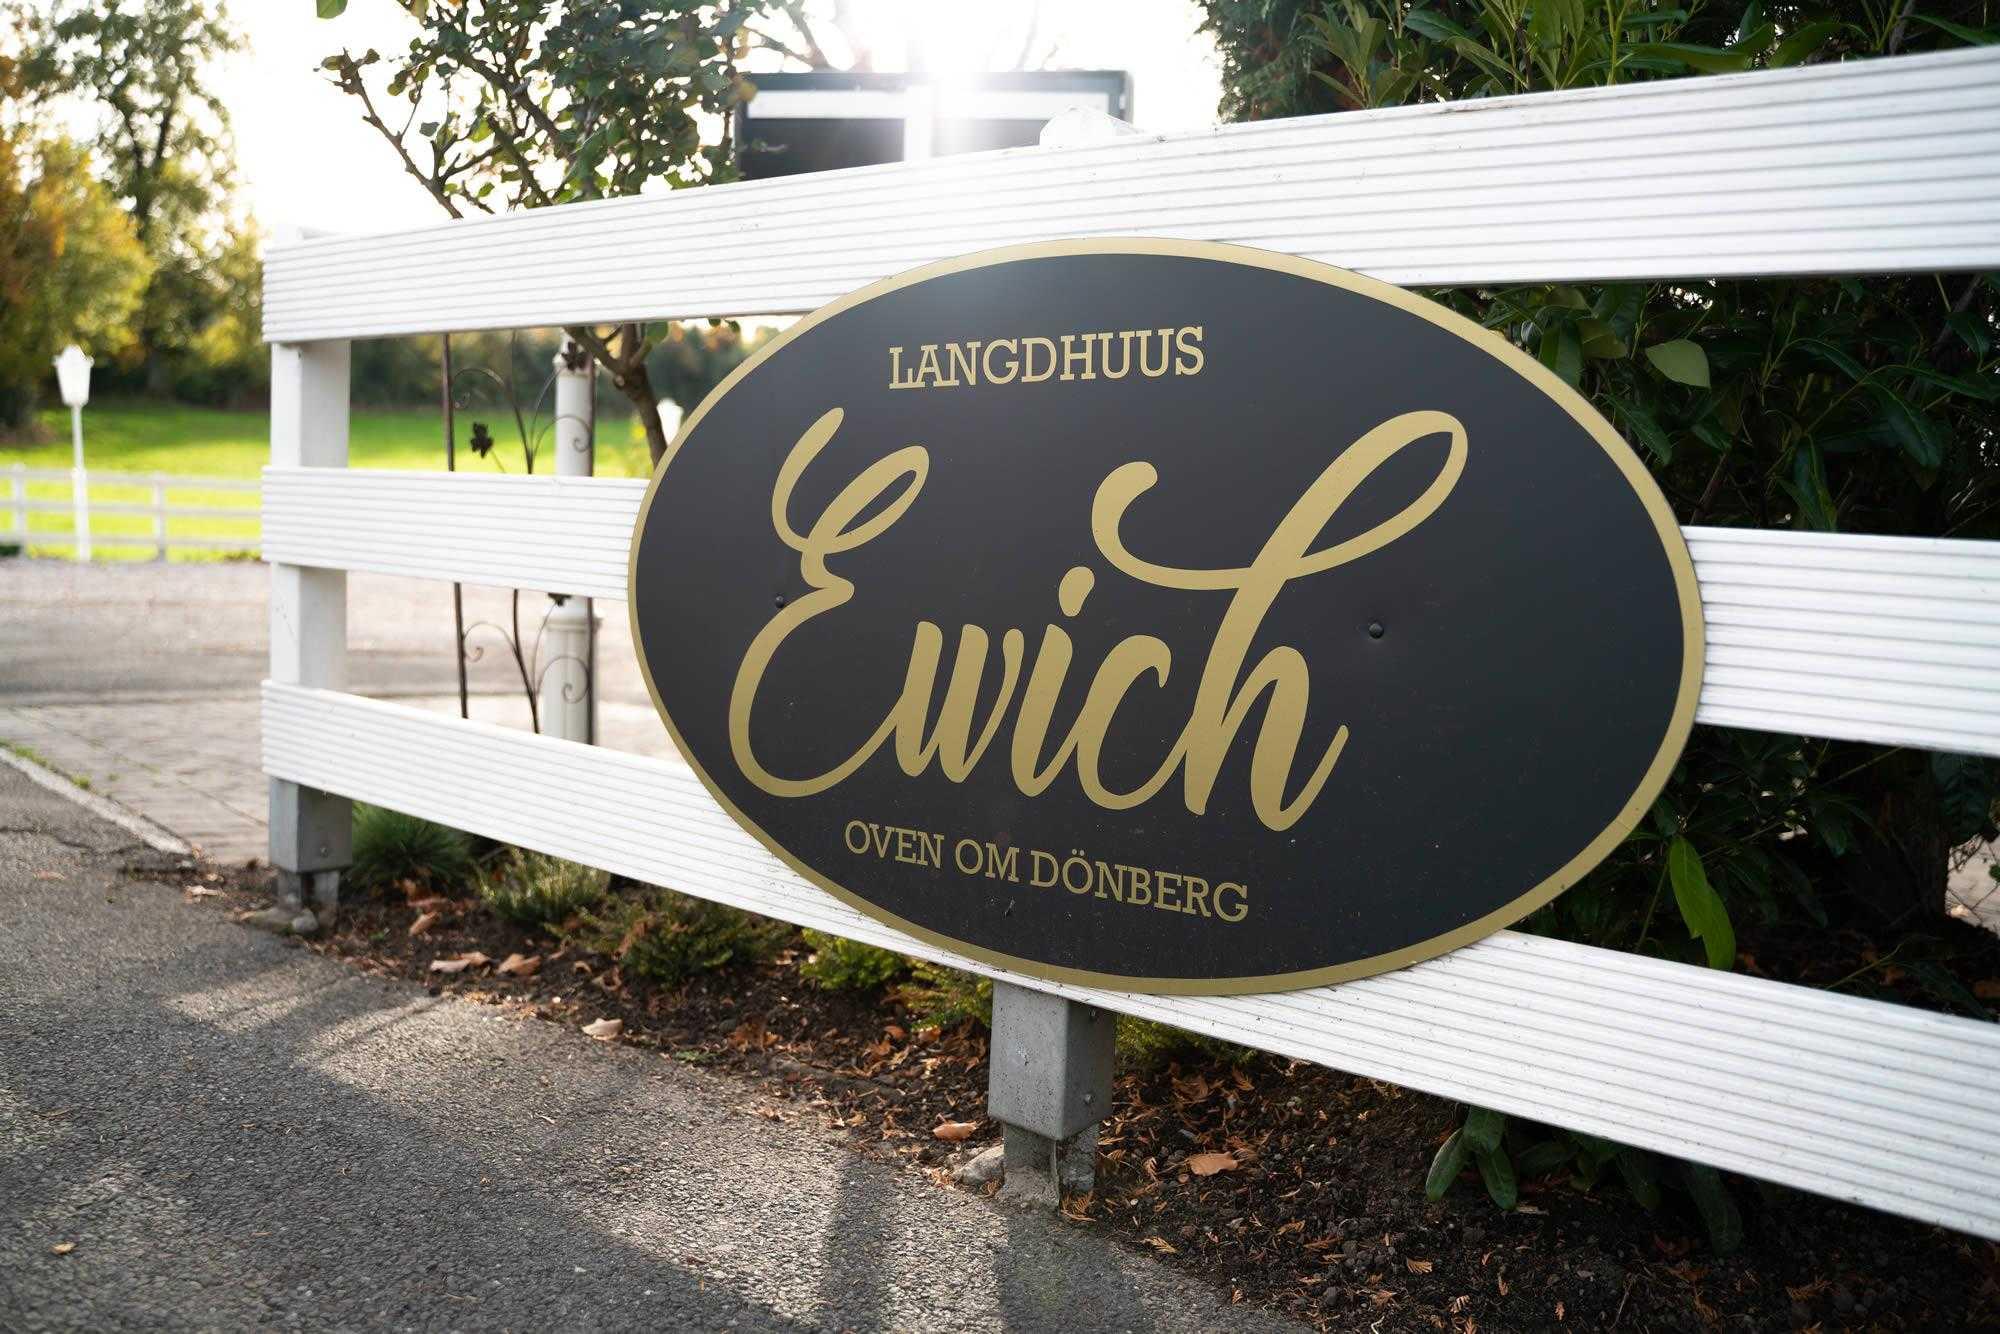 Landhaus Ewich